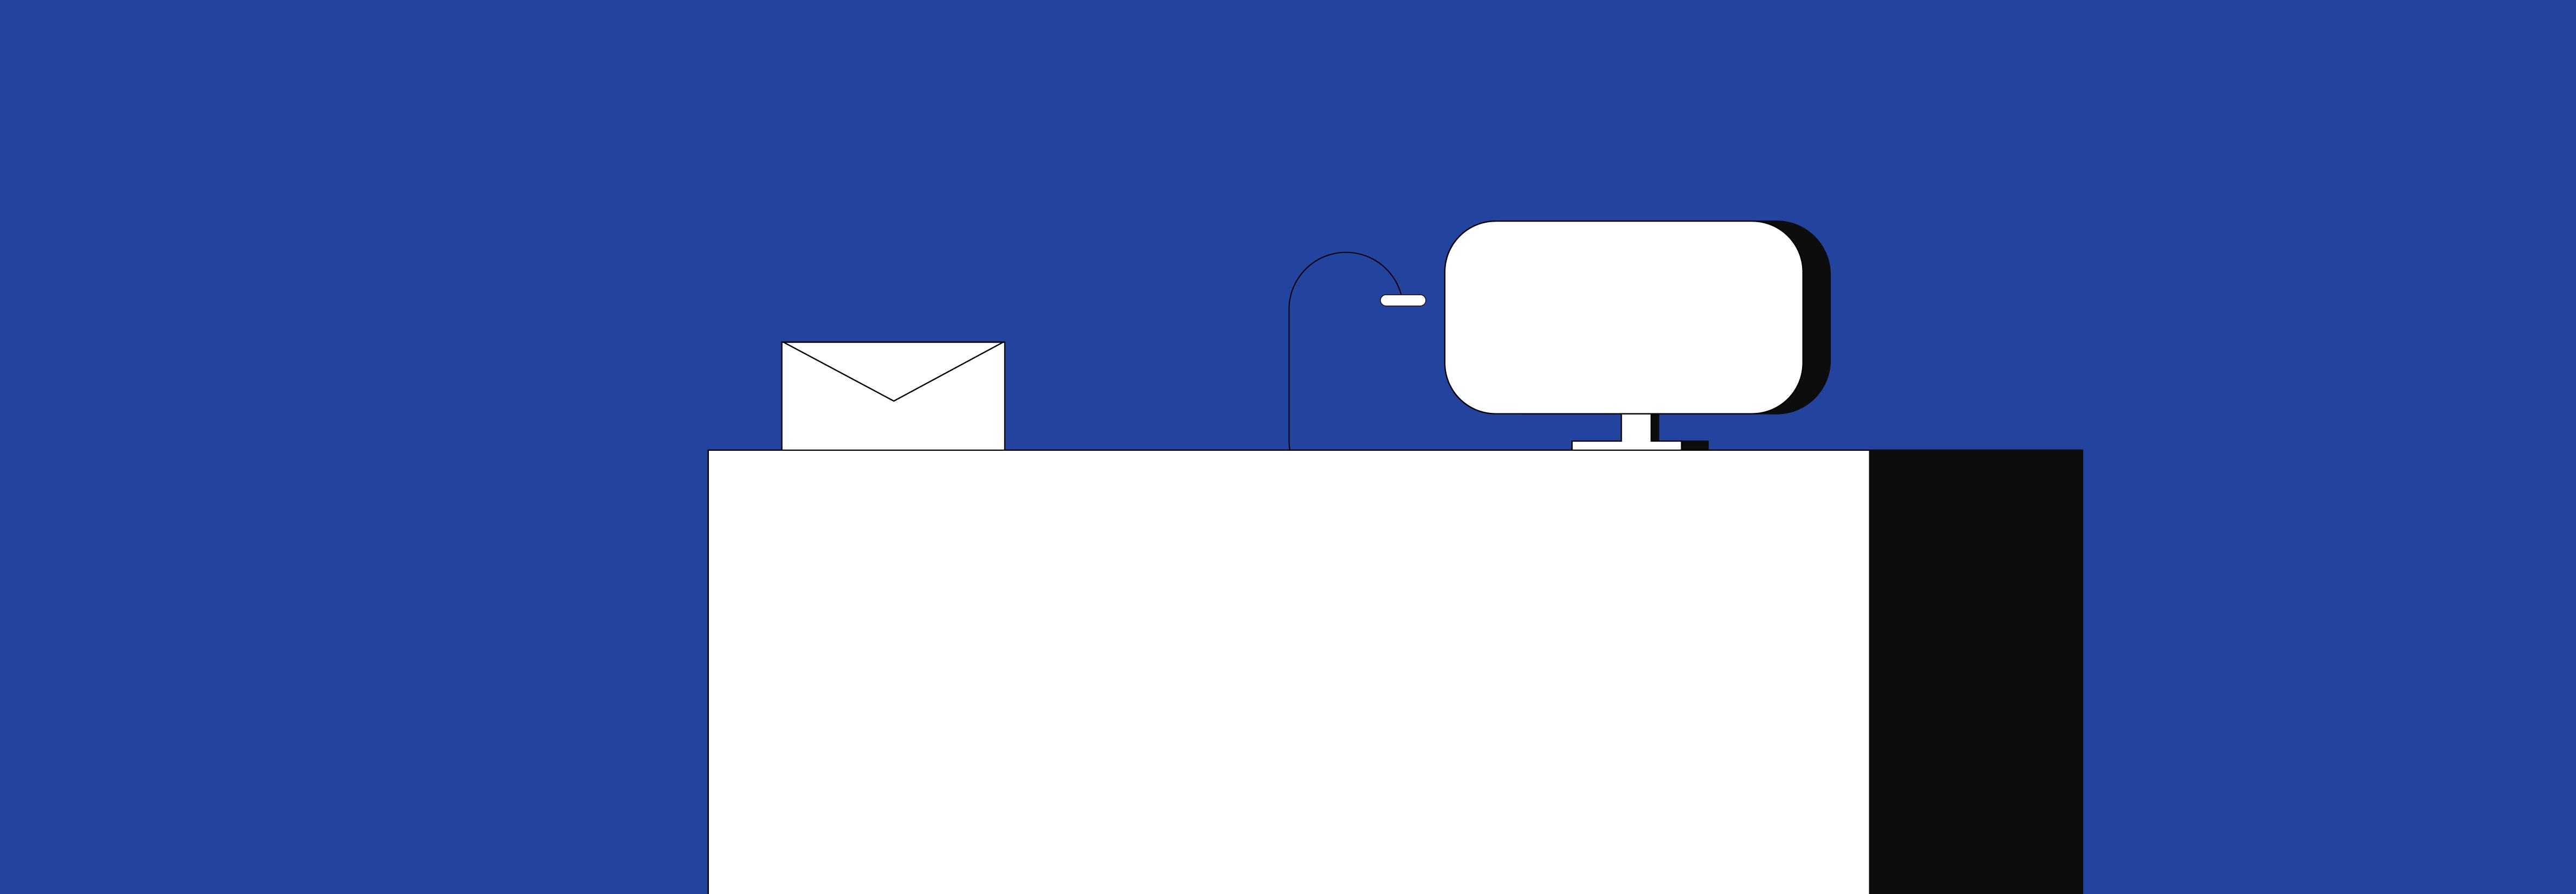 Linkedin_banner-01